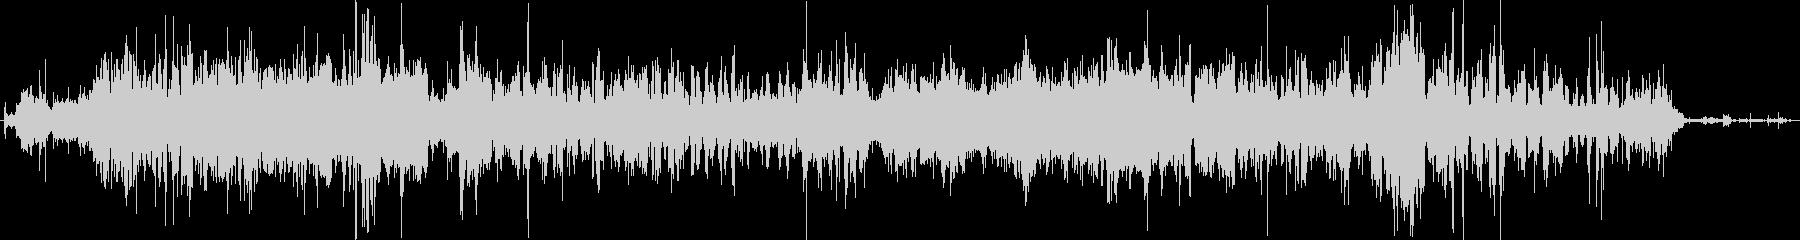 シングルホースアンドソリ:オンボー...の未再生の波形